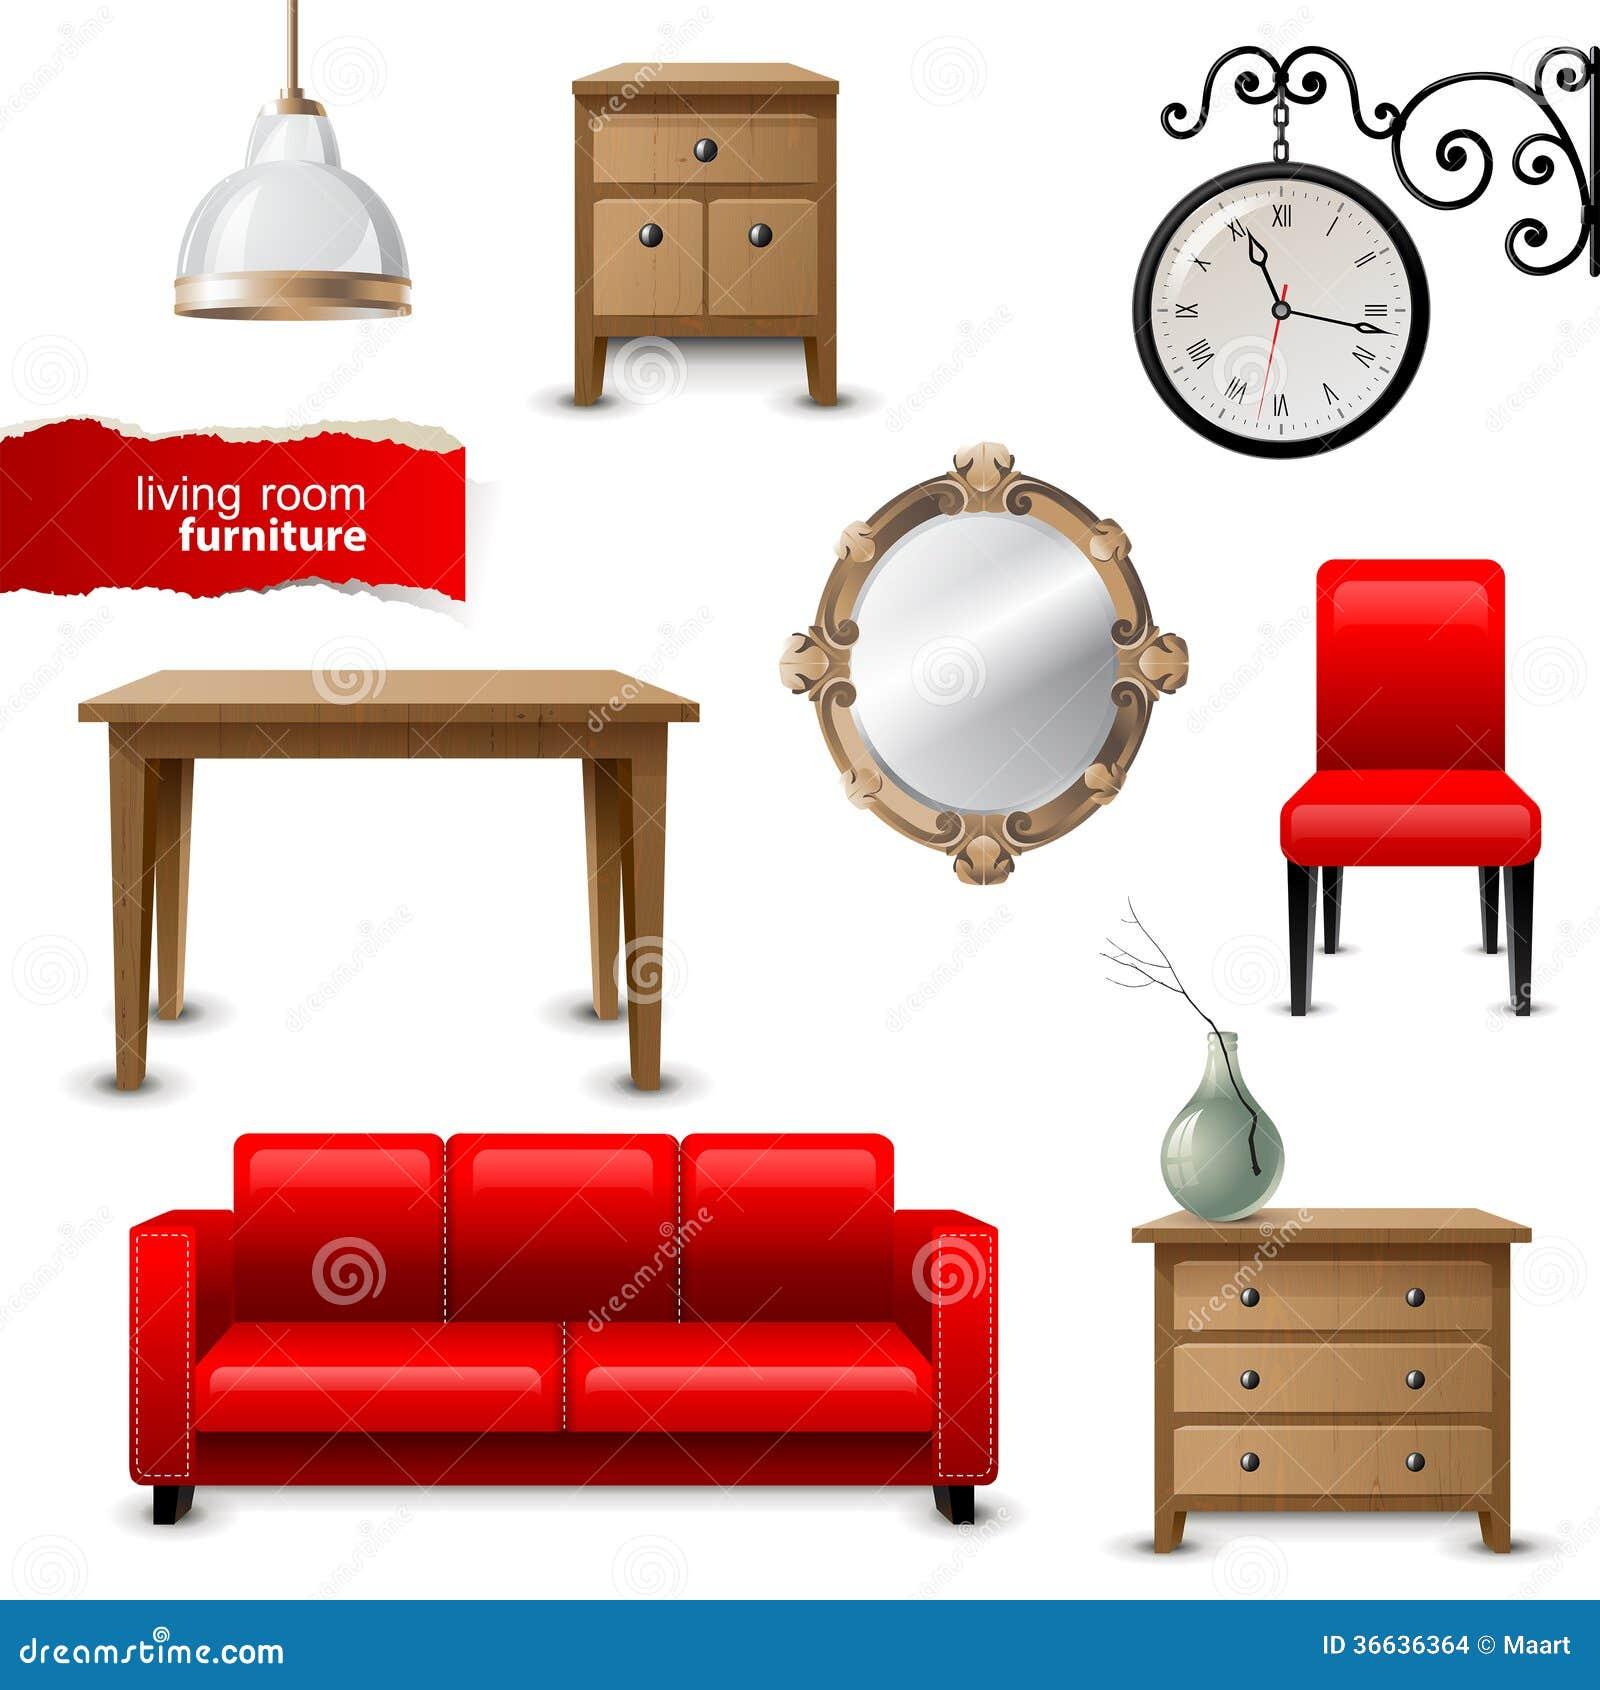 Wohnzimmermöbel vektor abbildung. Illustration von haus - 36636364